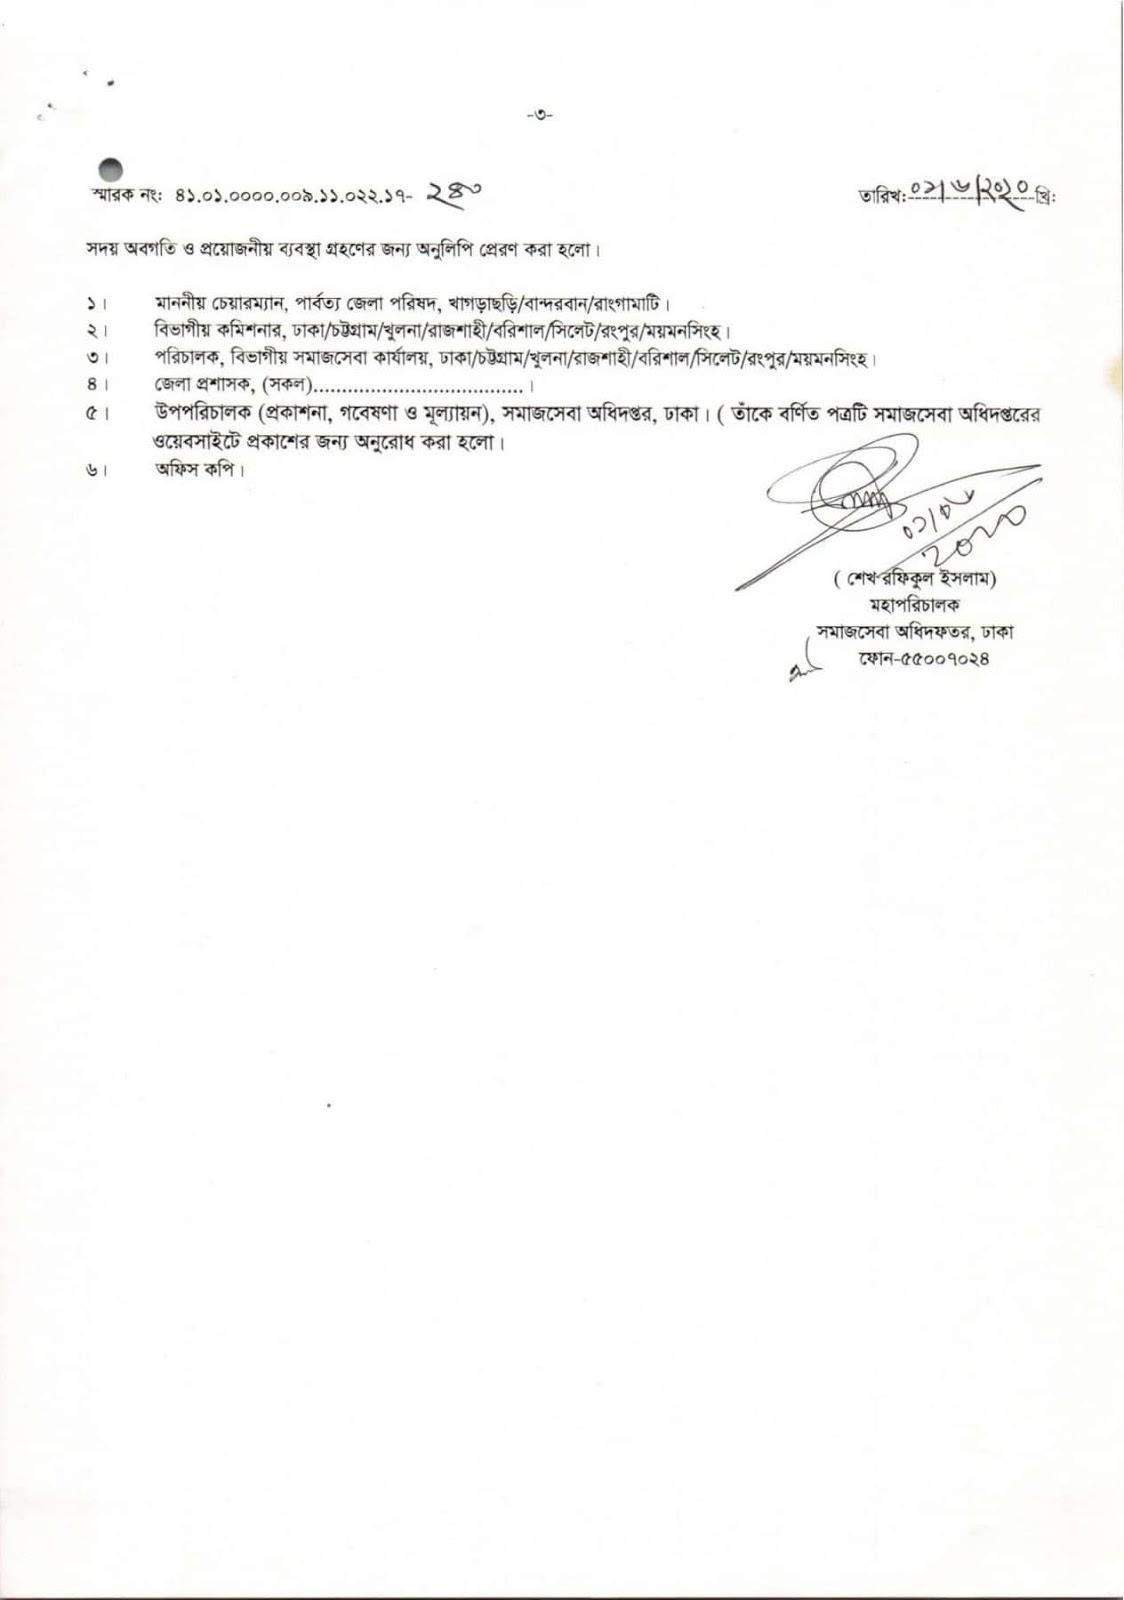 ইউনিয়ন সমাজকর্মী পদে জনবল নিয়োগ পরীক্ষা ২০২০ | ইউনিয়ন সমাজকর্মী পদে জনবল নিয়োগের নিমিত্ত MCQ পদ্ধতিতে OMR শীটে লিখিত পরীক্ষা গ্রহণ সংক্রান্ত নোটিশ